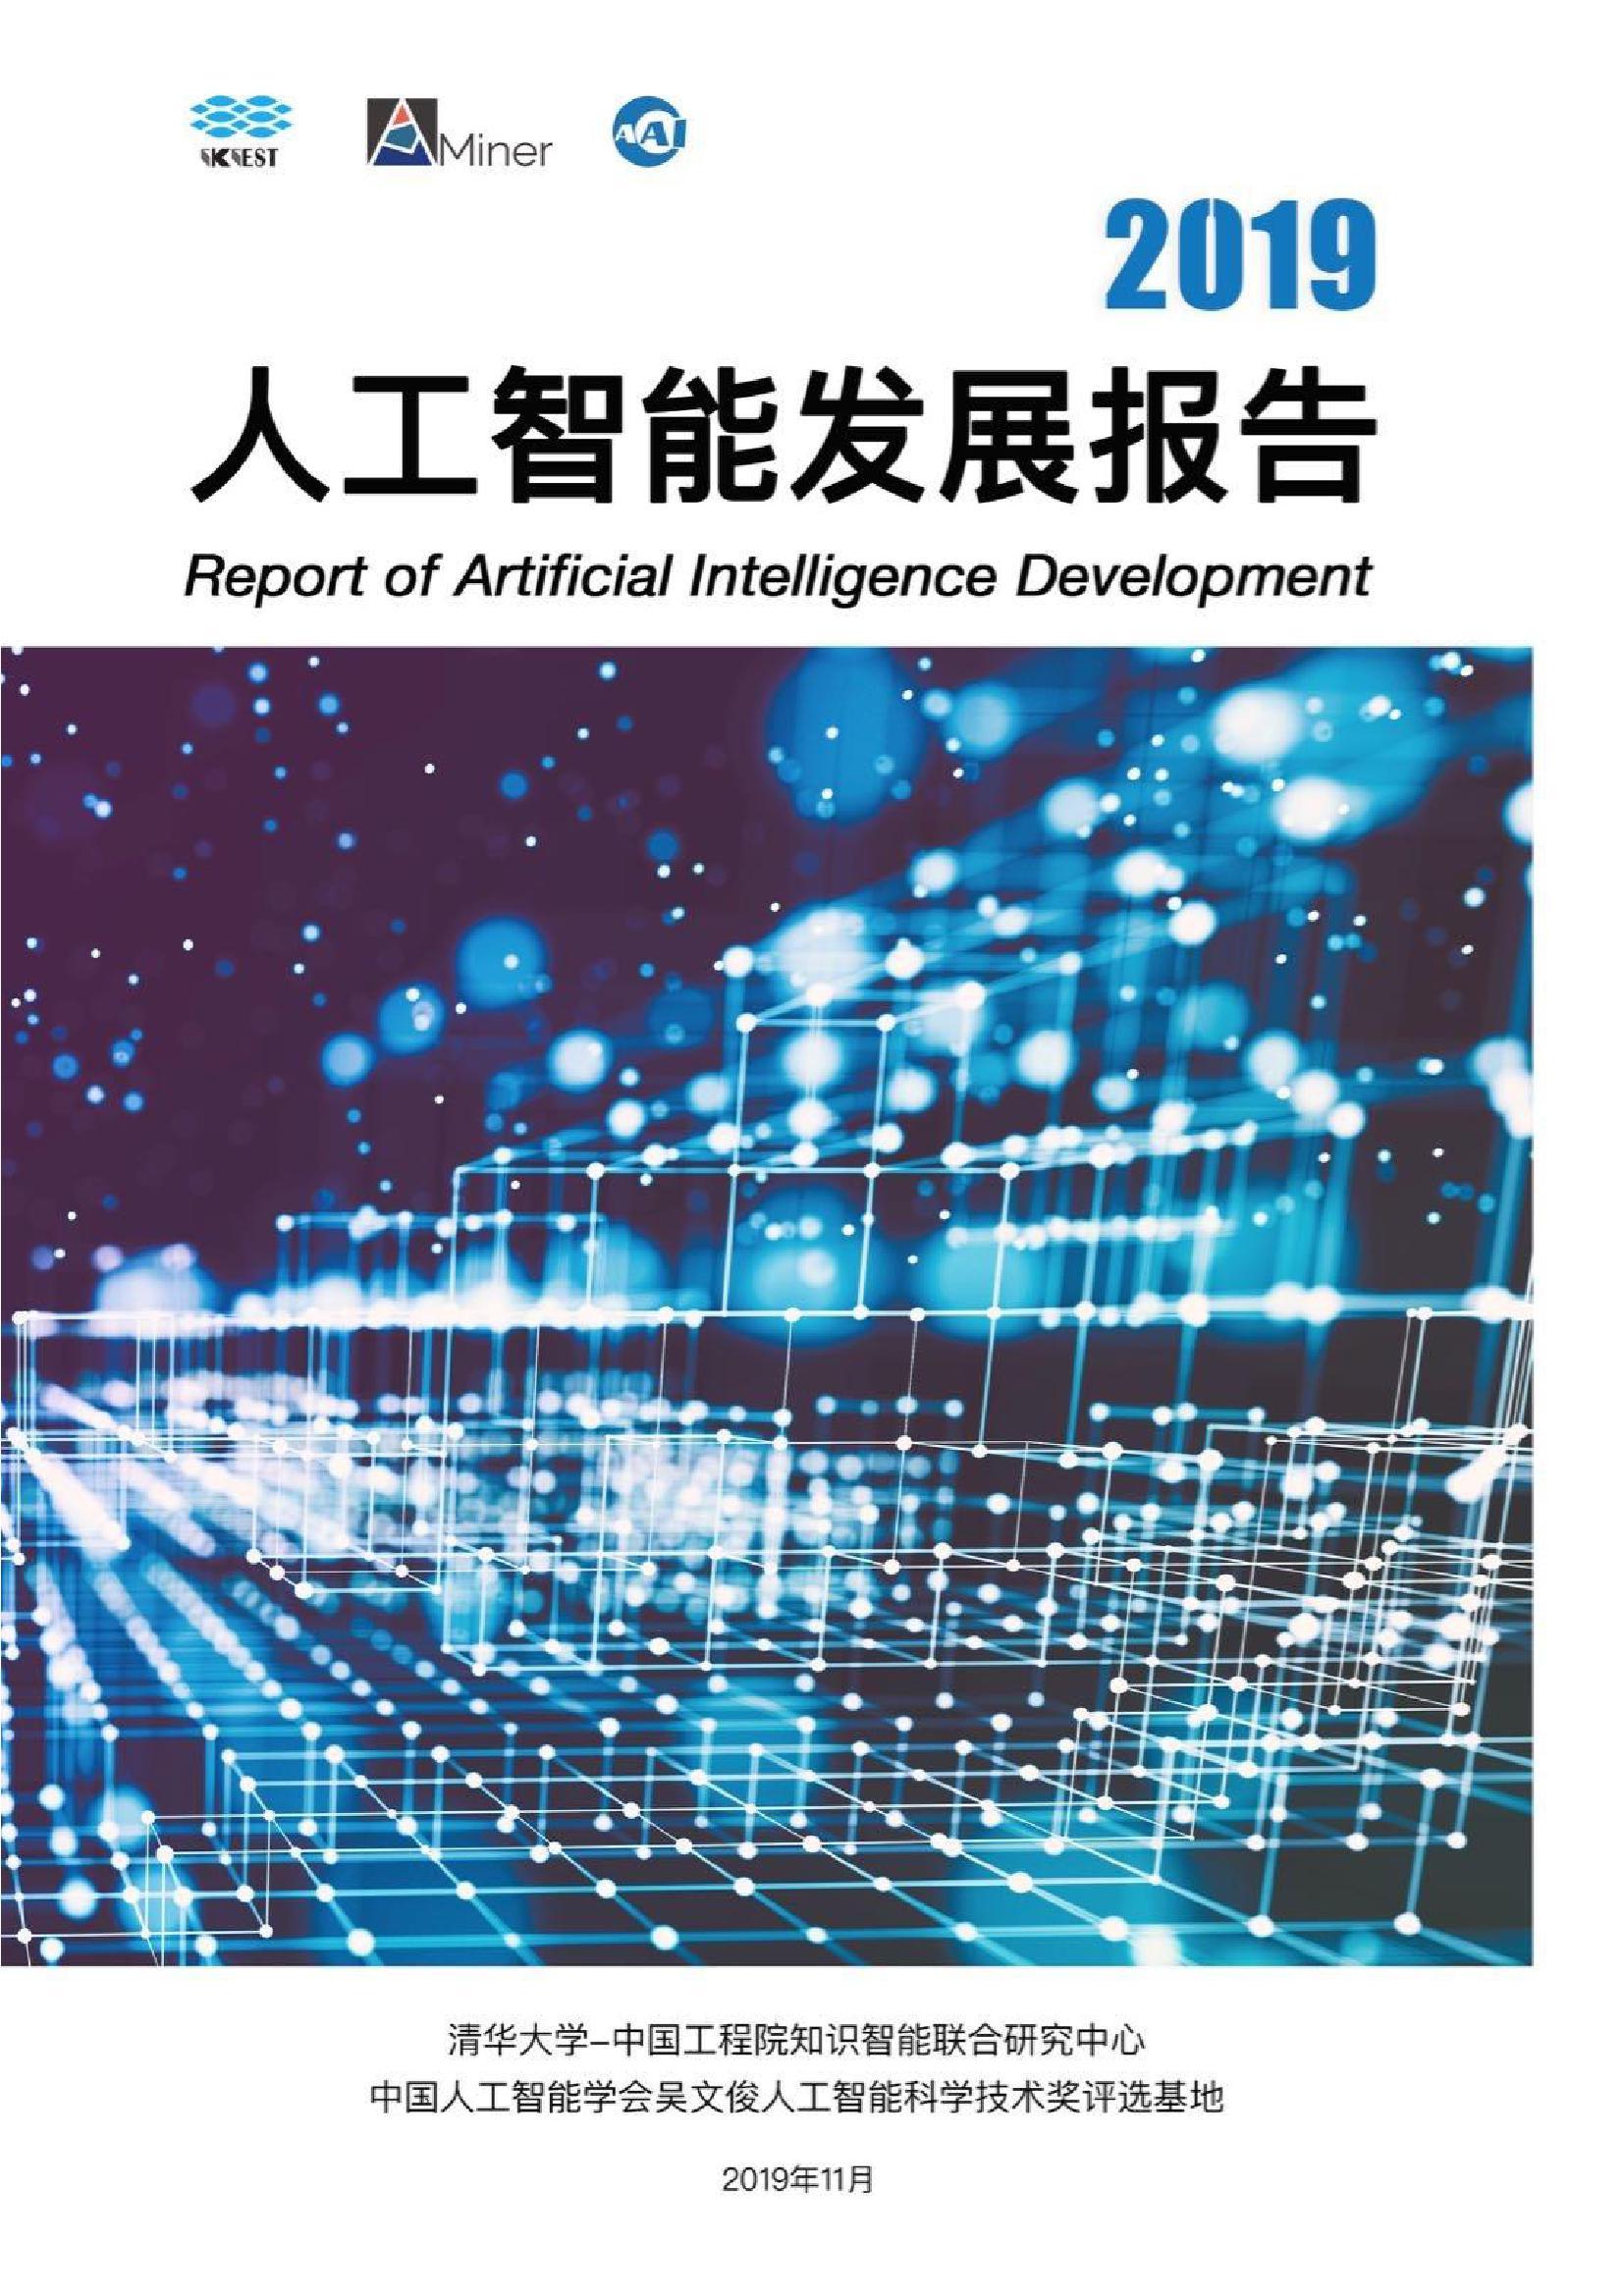 http://www.reviewcode.cn/yunjisuan/99375.html